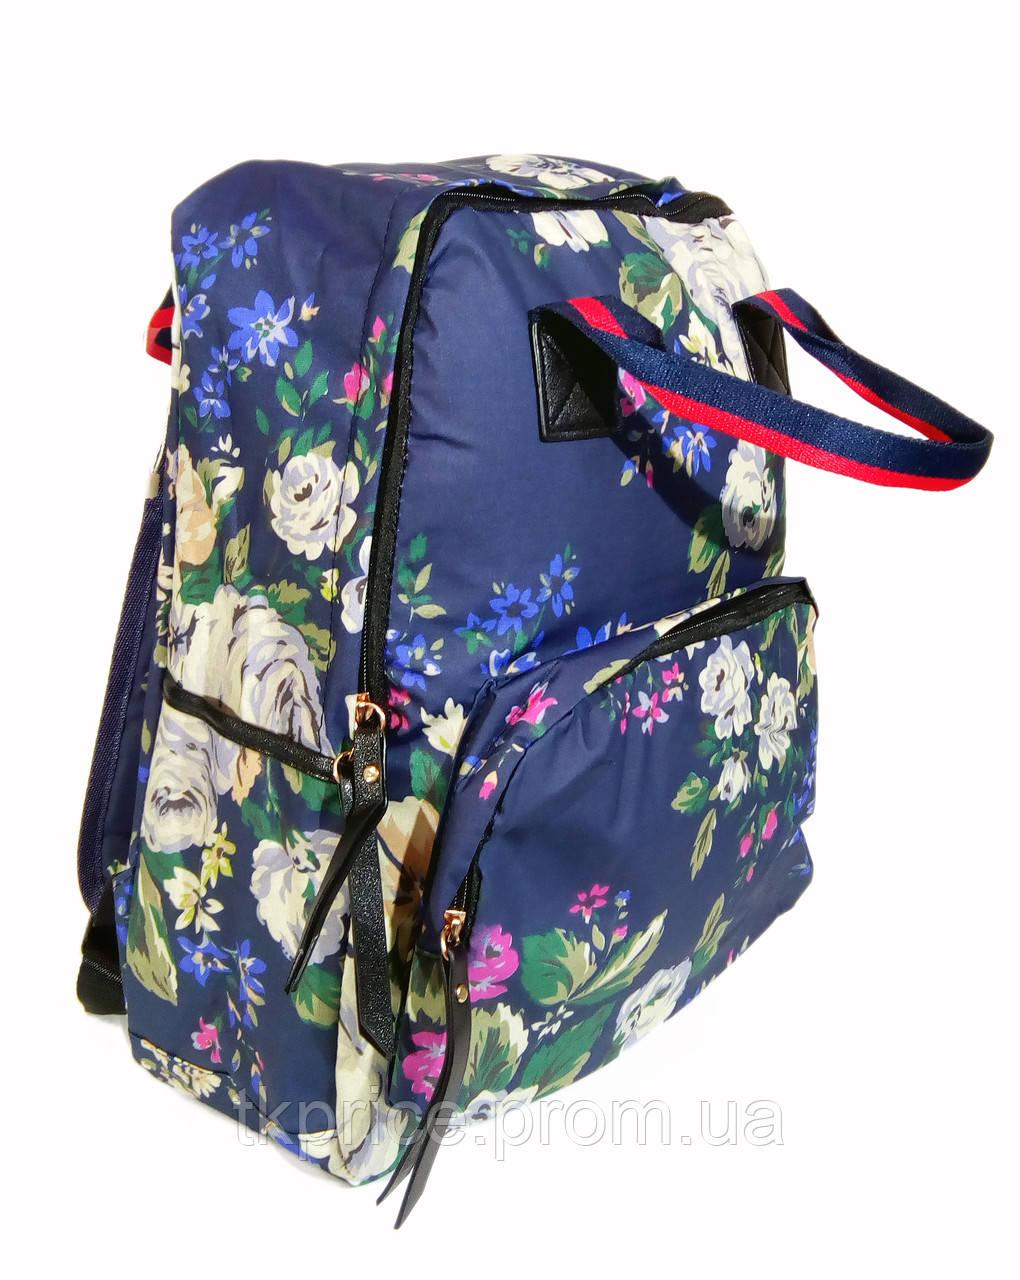 ef422cc8874a Сумка - рюкзак для школы и прогулок с цветочным принтом синий -  Интернет-магазин